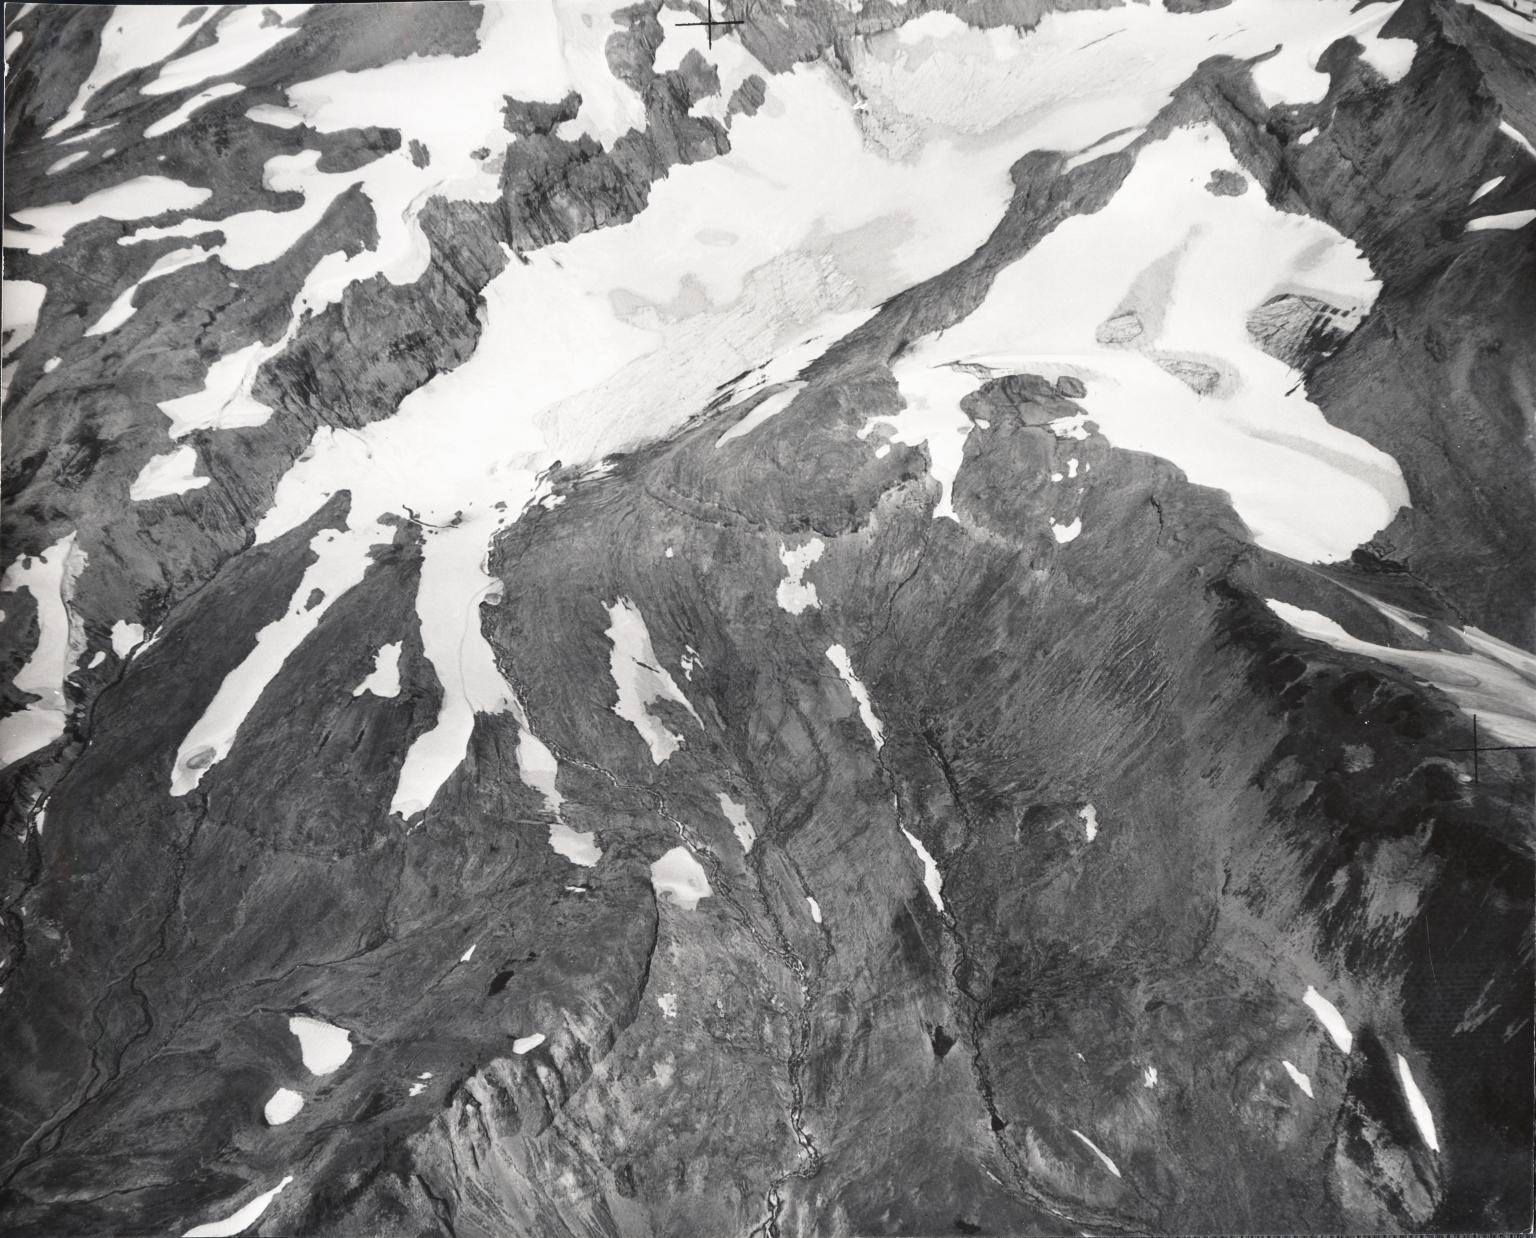 Paradise Glacier, Washington, United States